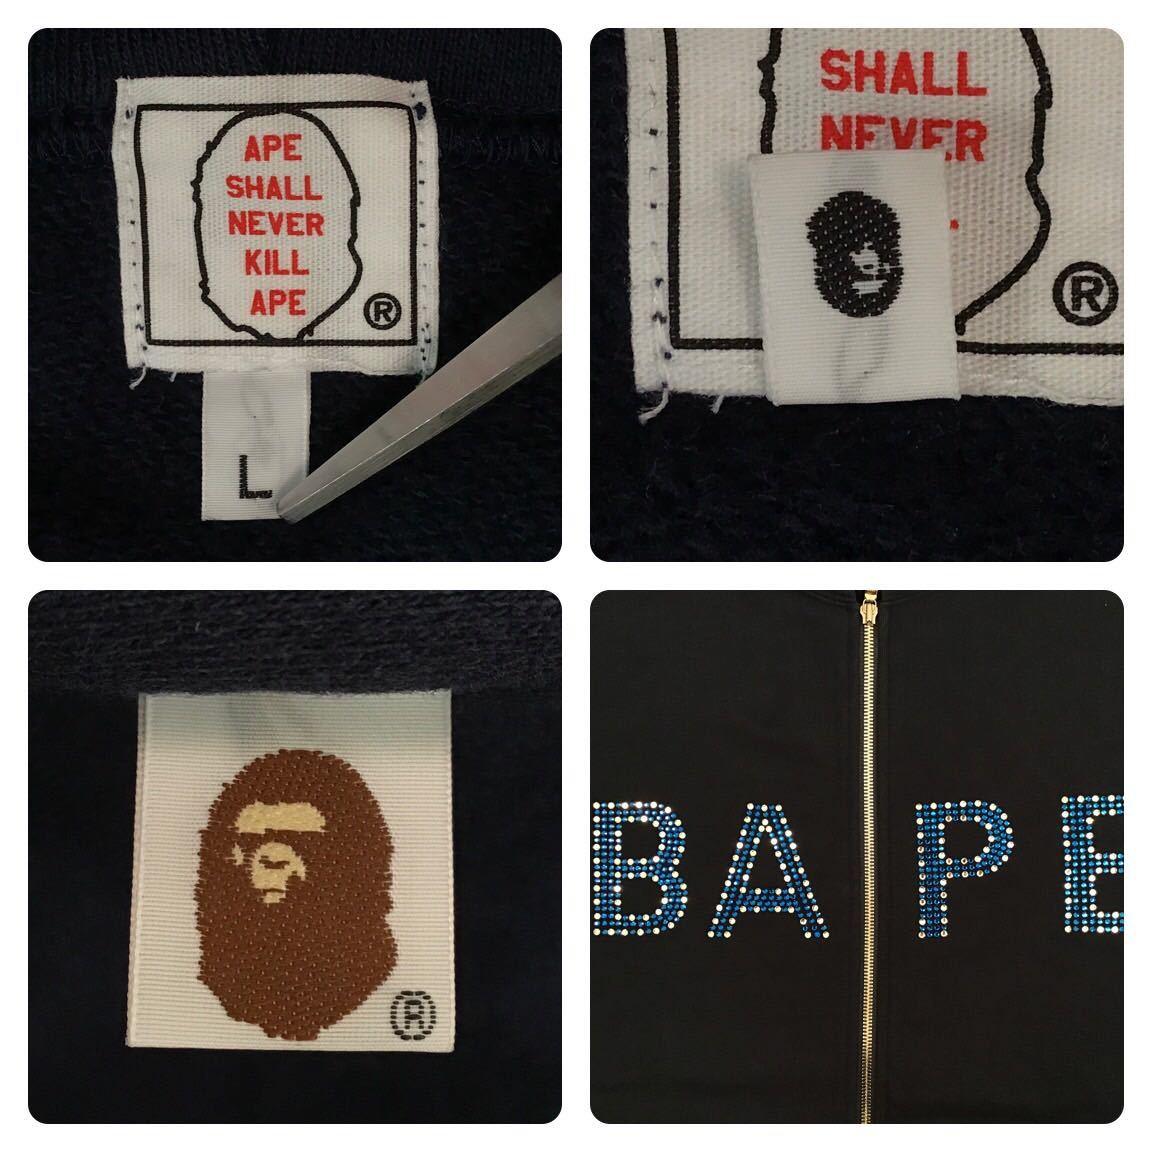 ★美品★ スワロフスキー スウェット フード ベスト Lサイズ a bathing ape bape swarovski hoodie vest エイプ ベイプ パーカー navy 5032